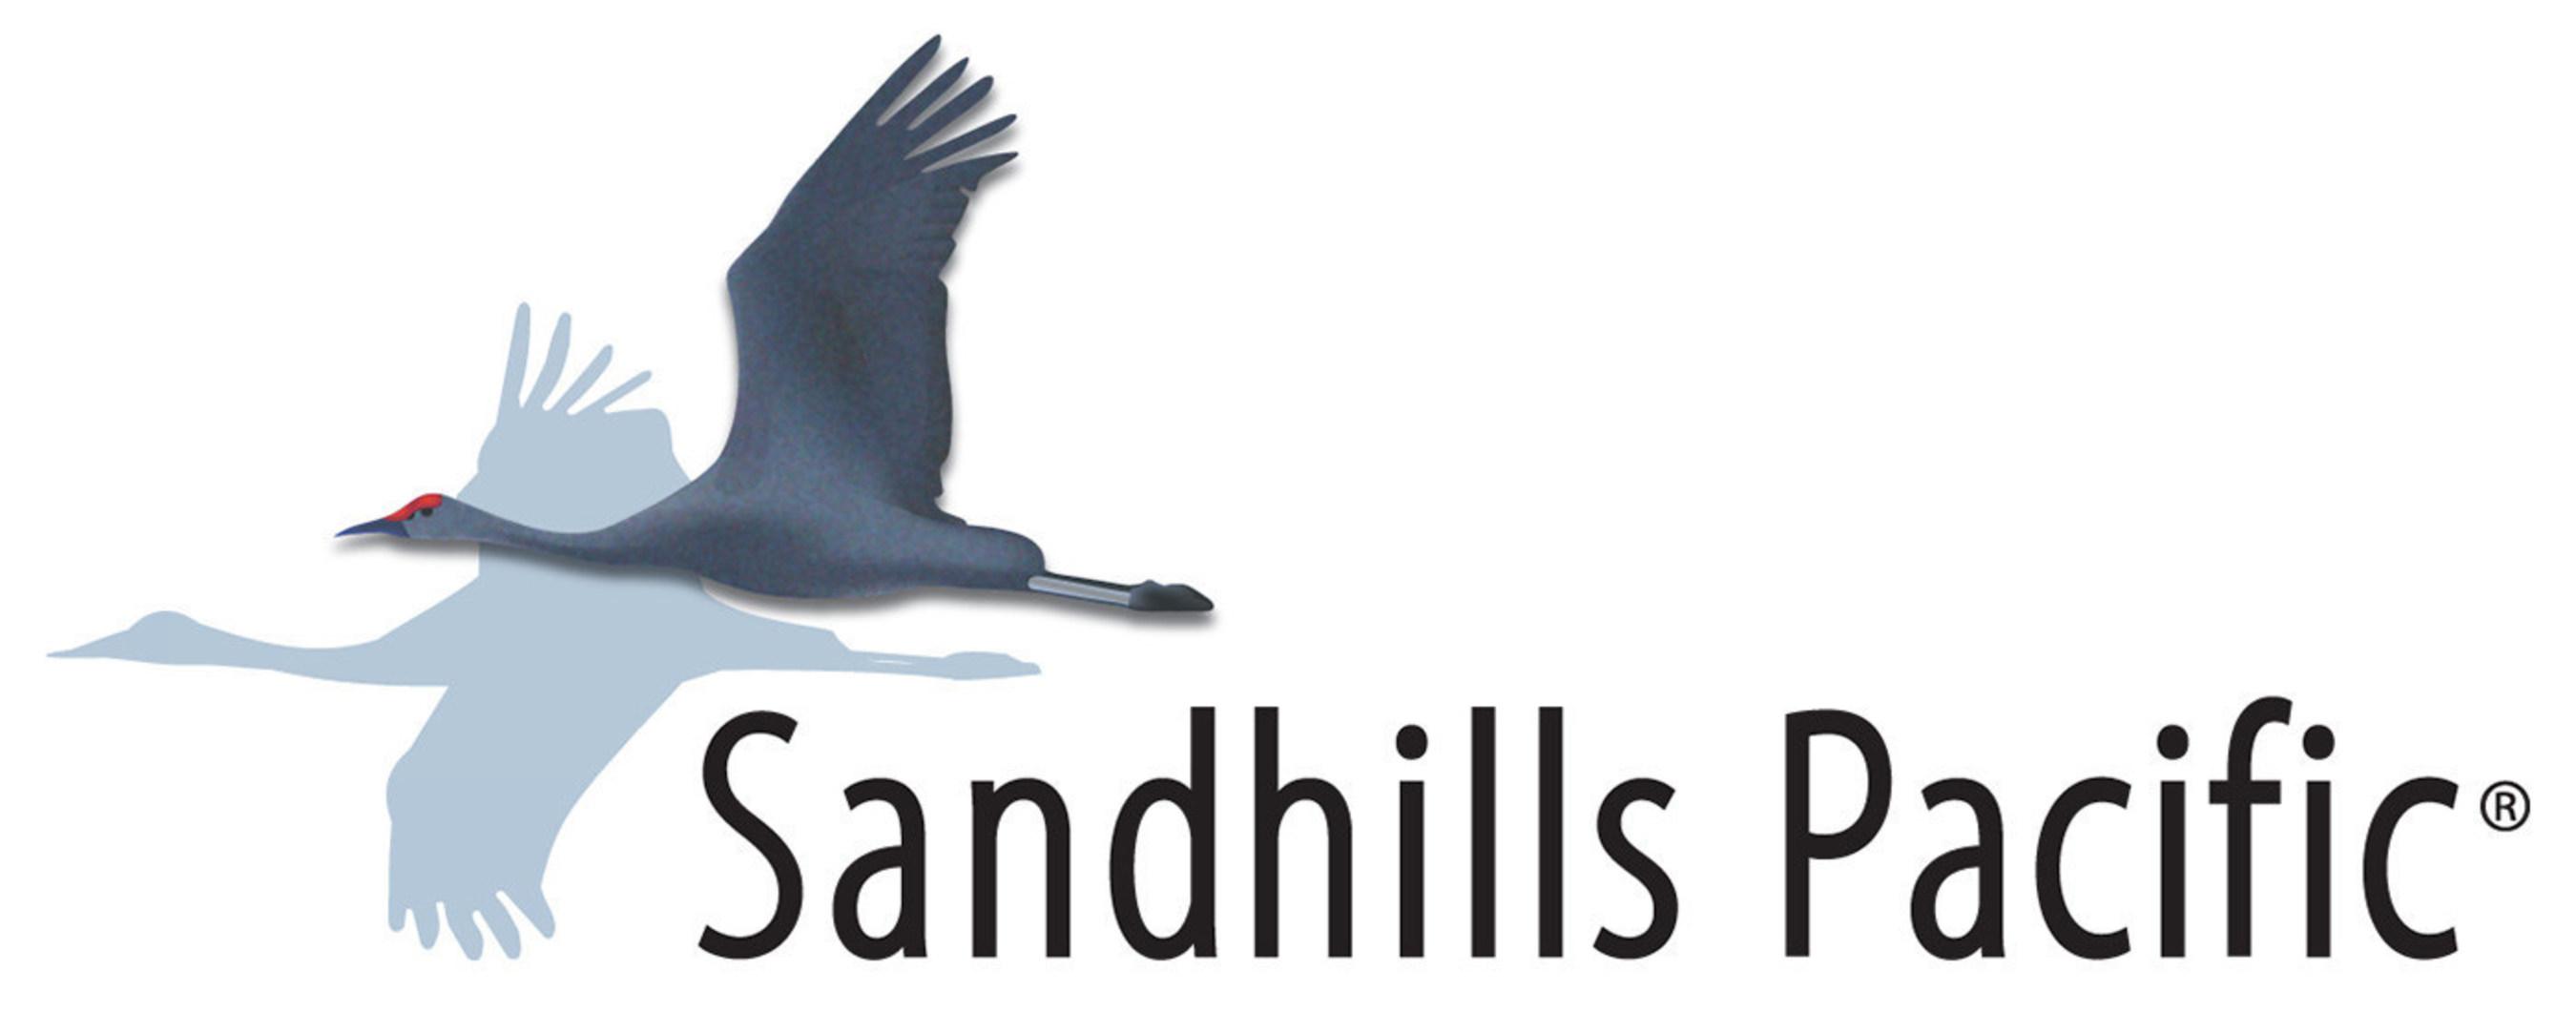 Sandhills Pacific - www.sandhills.jobs